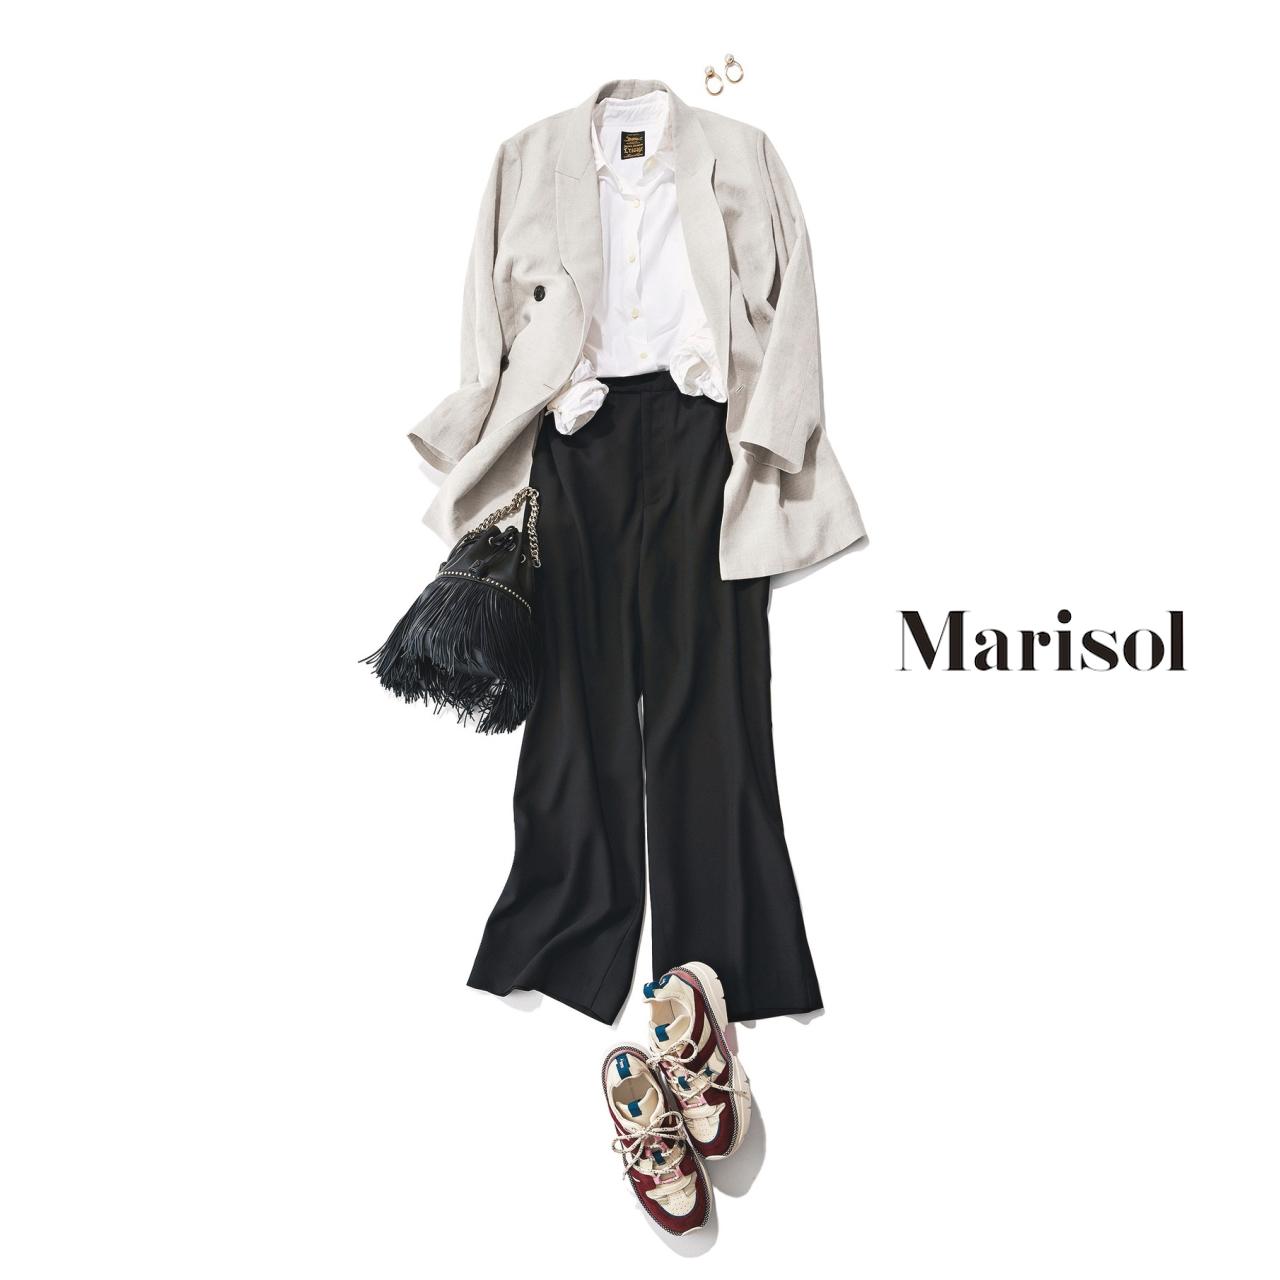 40代ファッション ジャケット×シャツ×黒パンツ×スニーカーコーデ